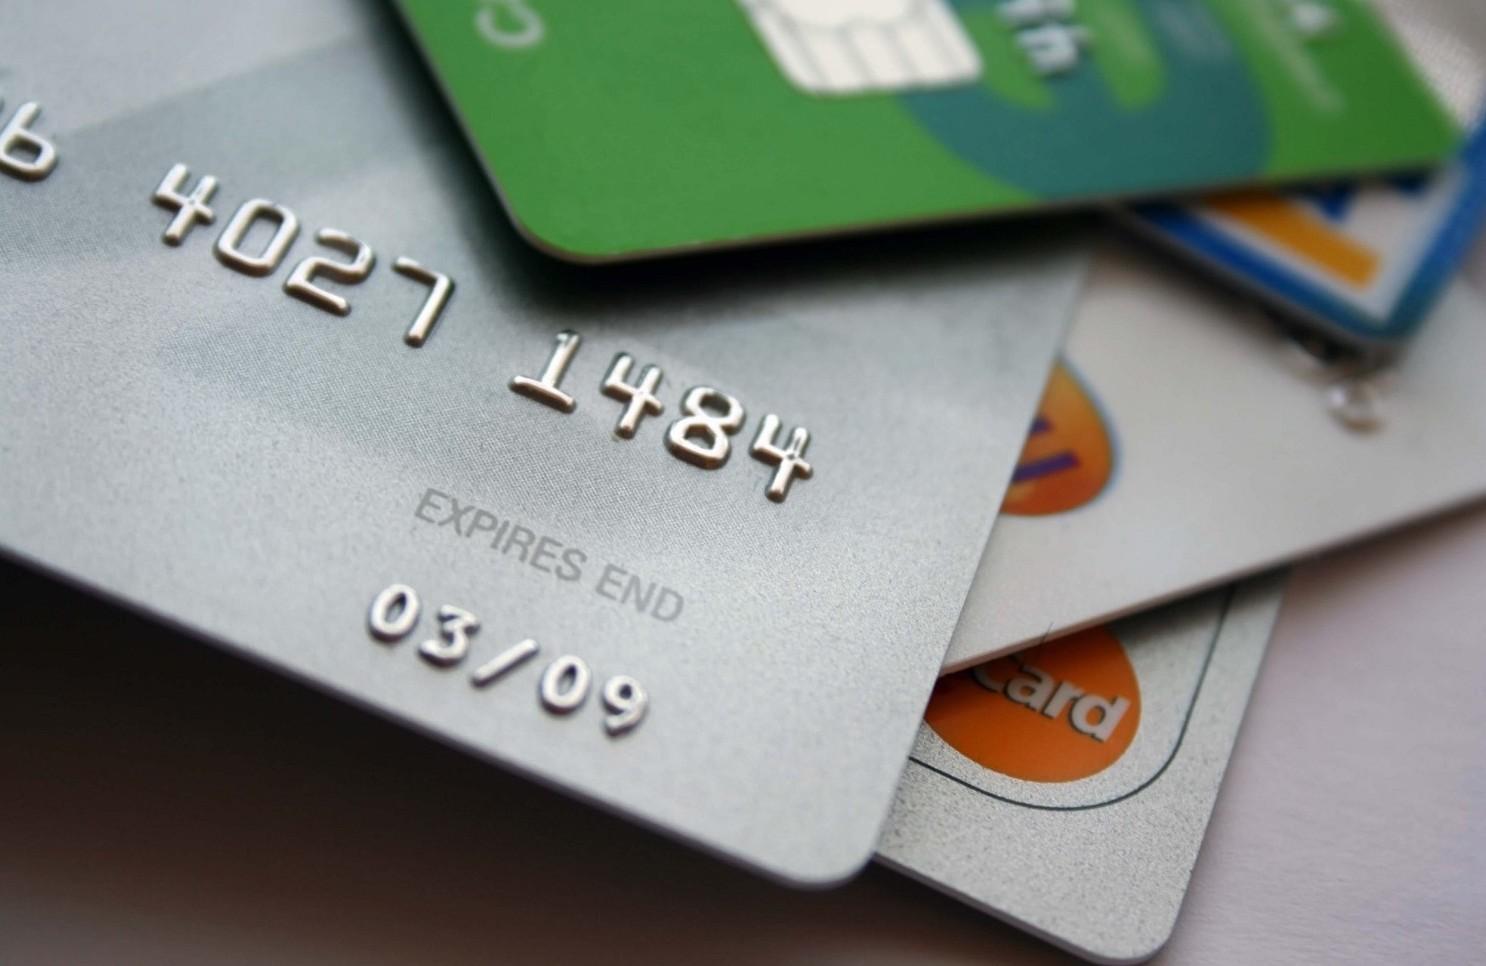 Carte prepagate 2019-2020 costi attivazione, mensili, commissioni prelievi e pagamenti